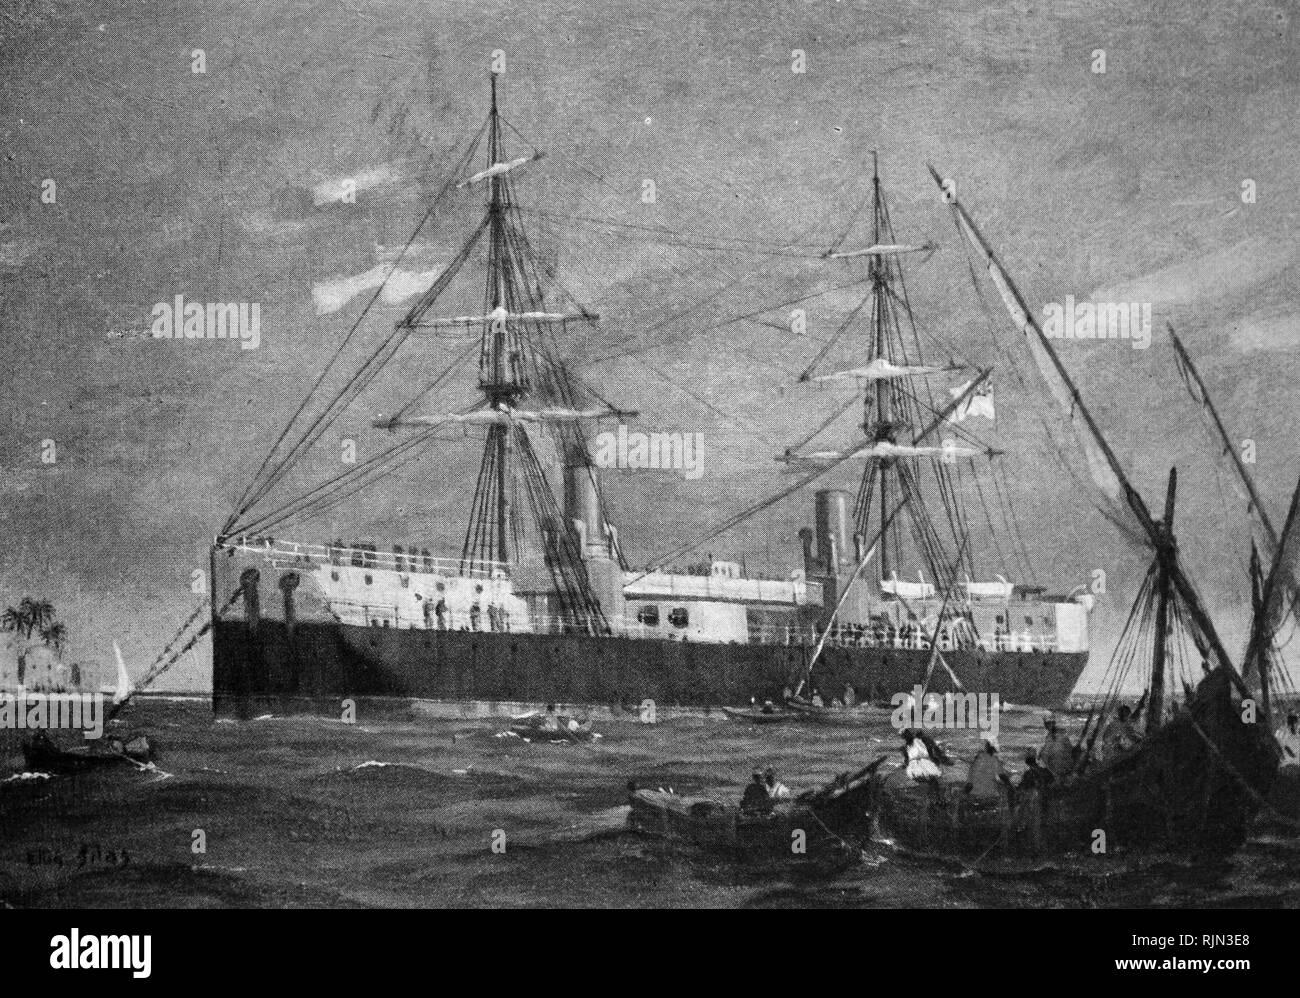 Ilustración que muestra la Royal Navy ship 'Inflexible' una torreta battleship 1876 Foto de stock